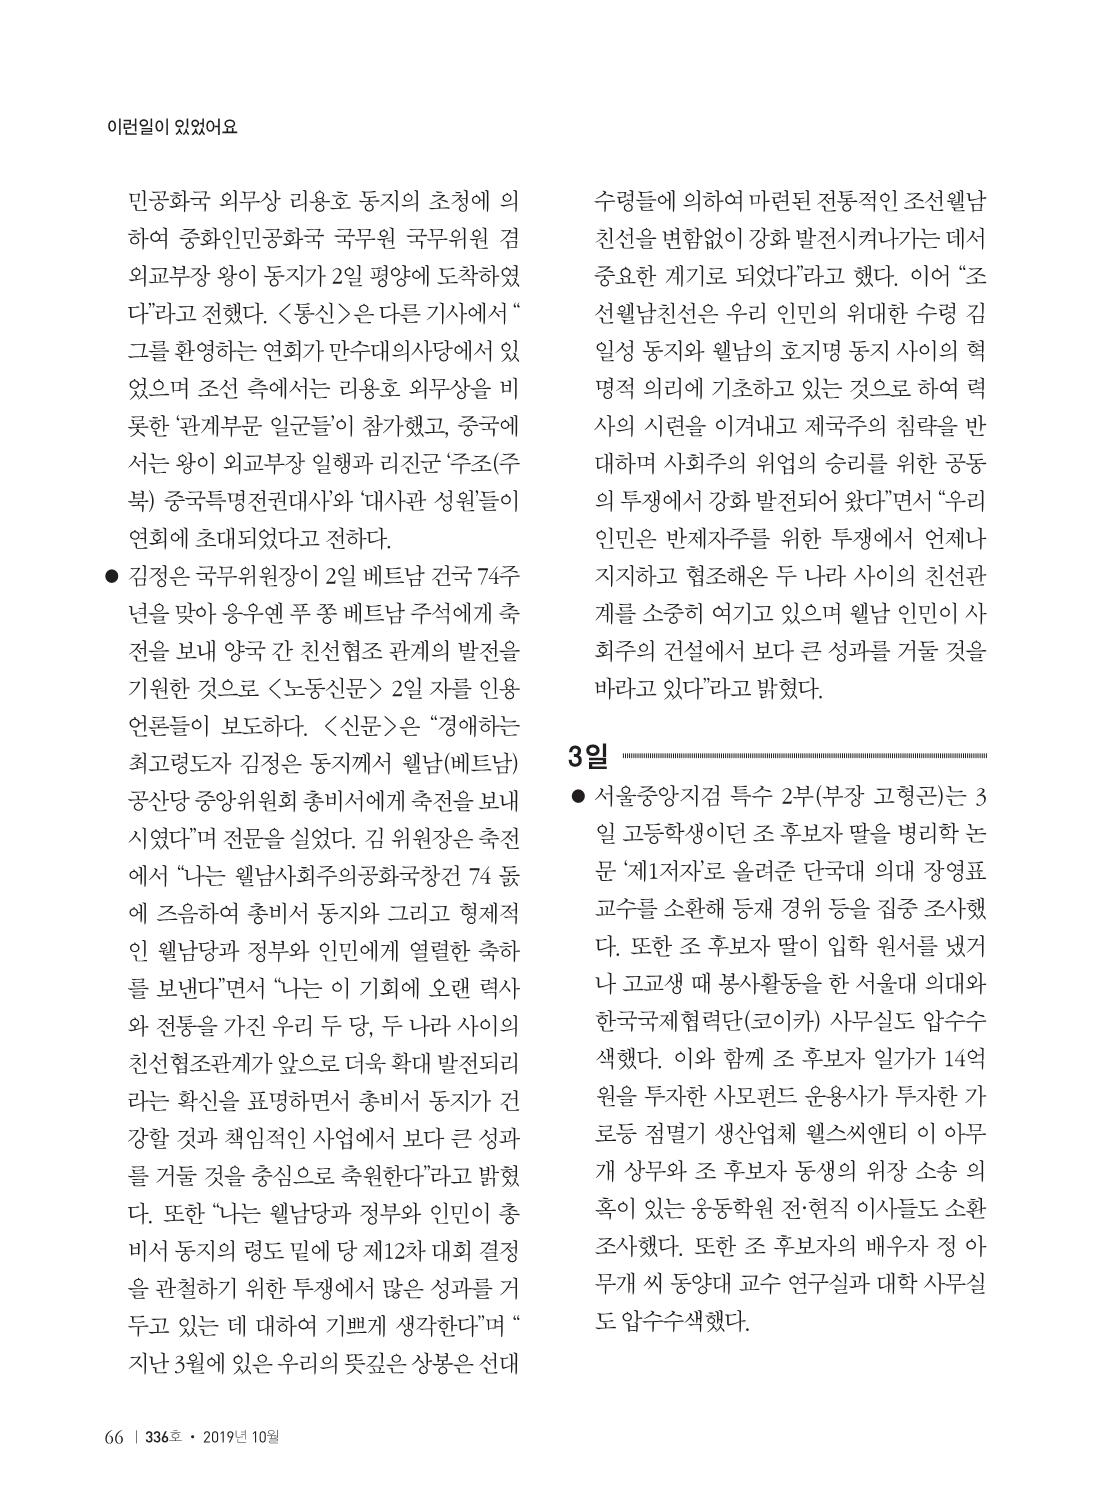 154780e2-c93e-4795-937d-bbcc14642e29.pdf-0068.jpg